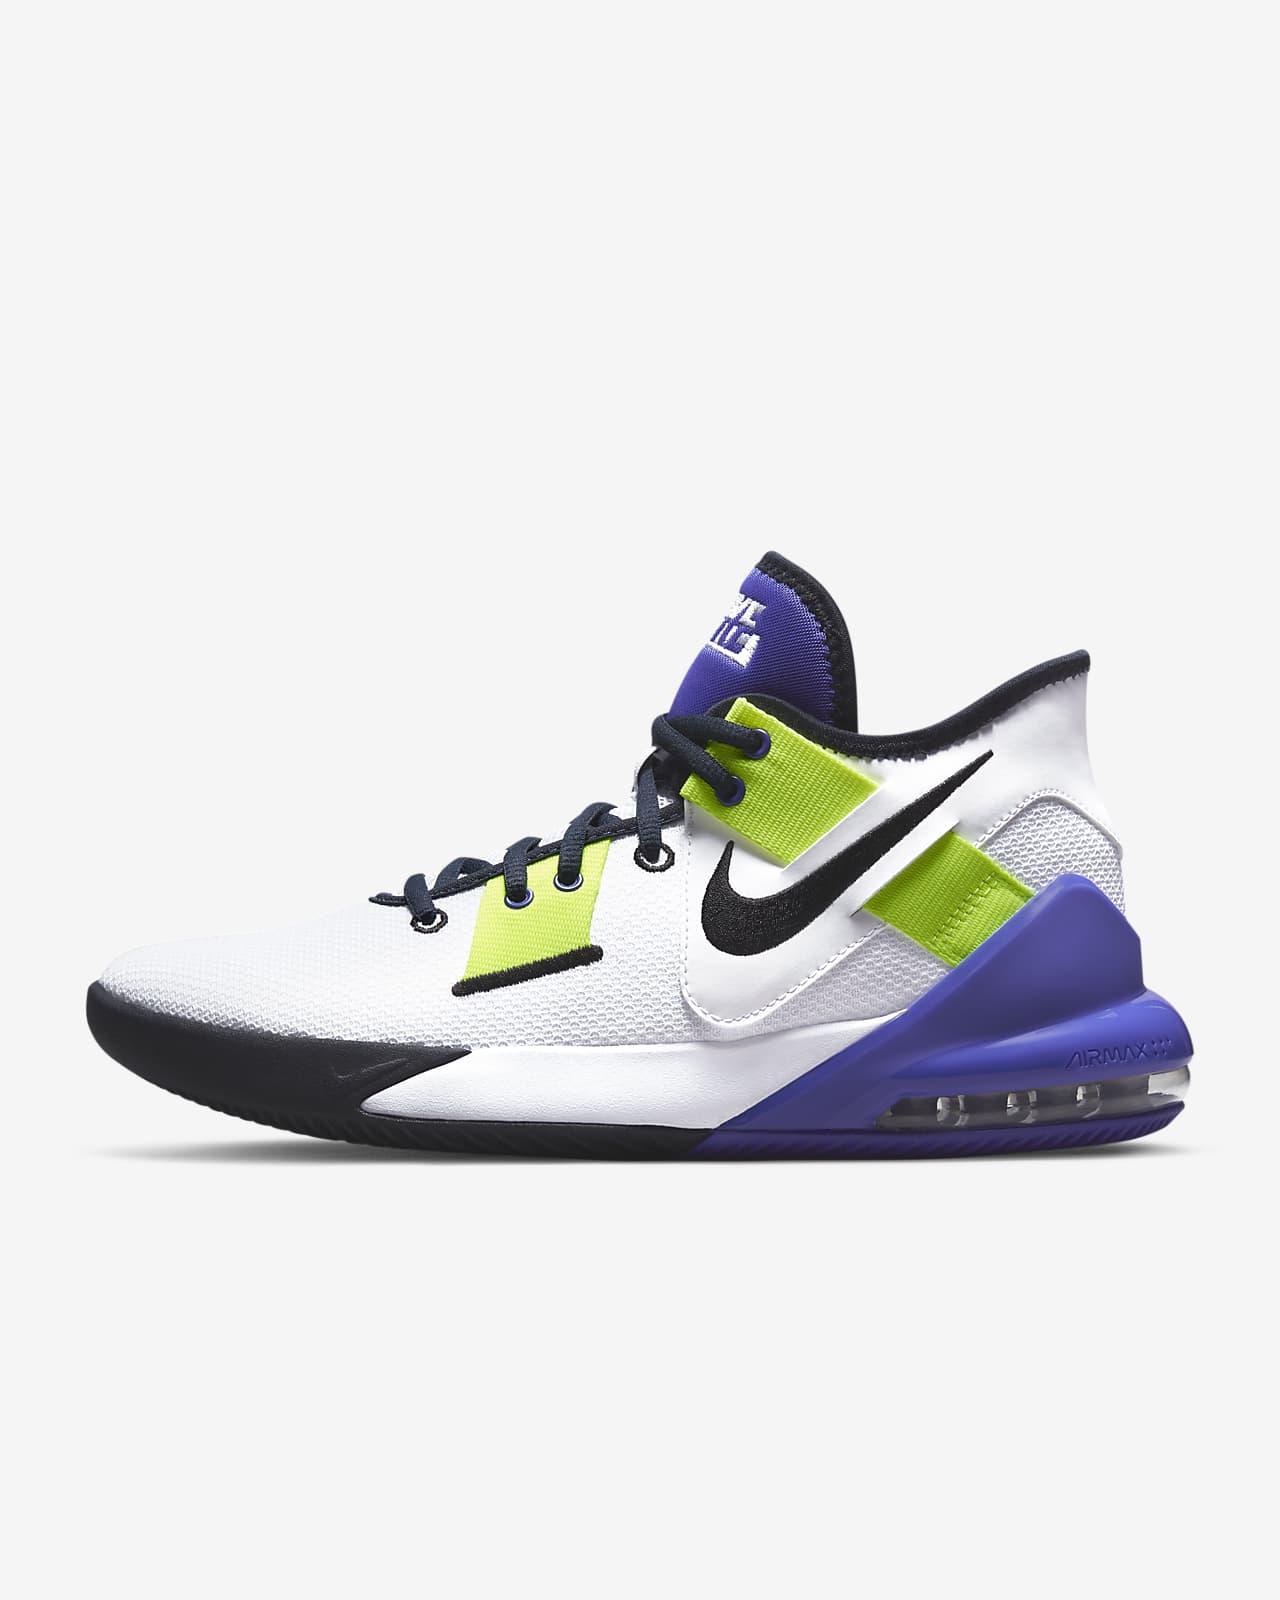 Calzado de básquetbol Nike Air Max Impact 2